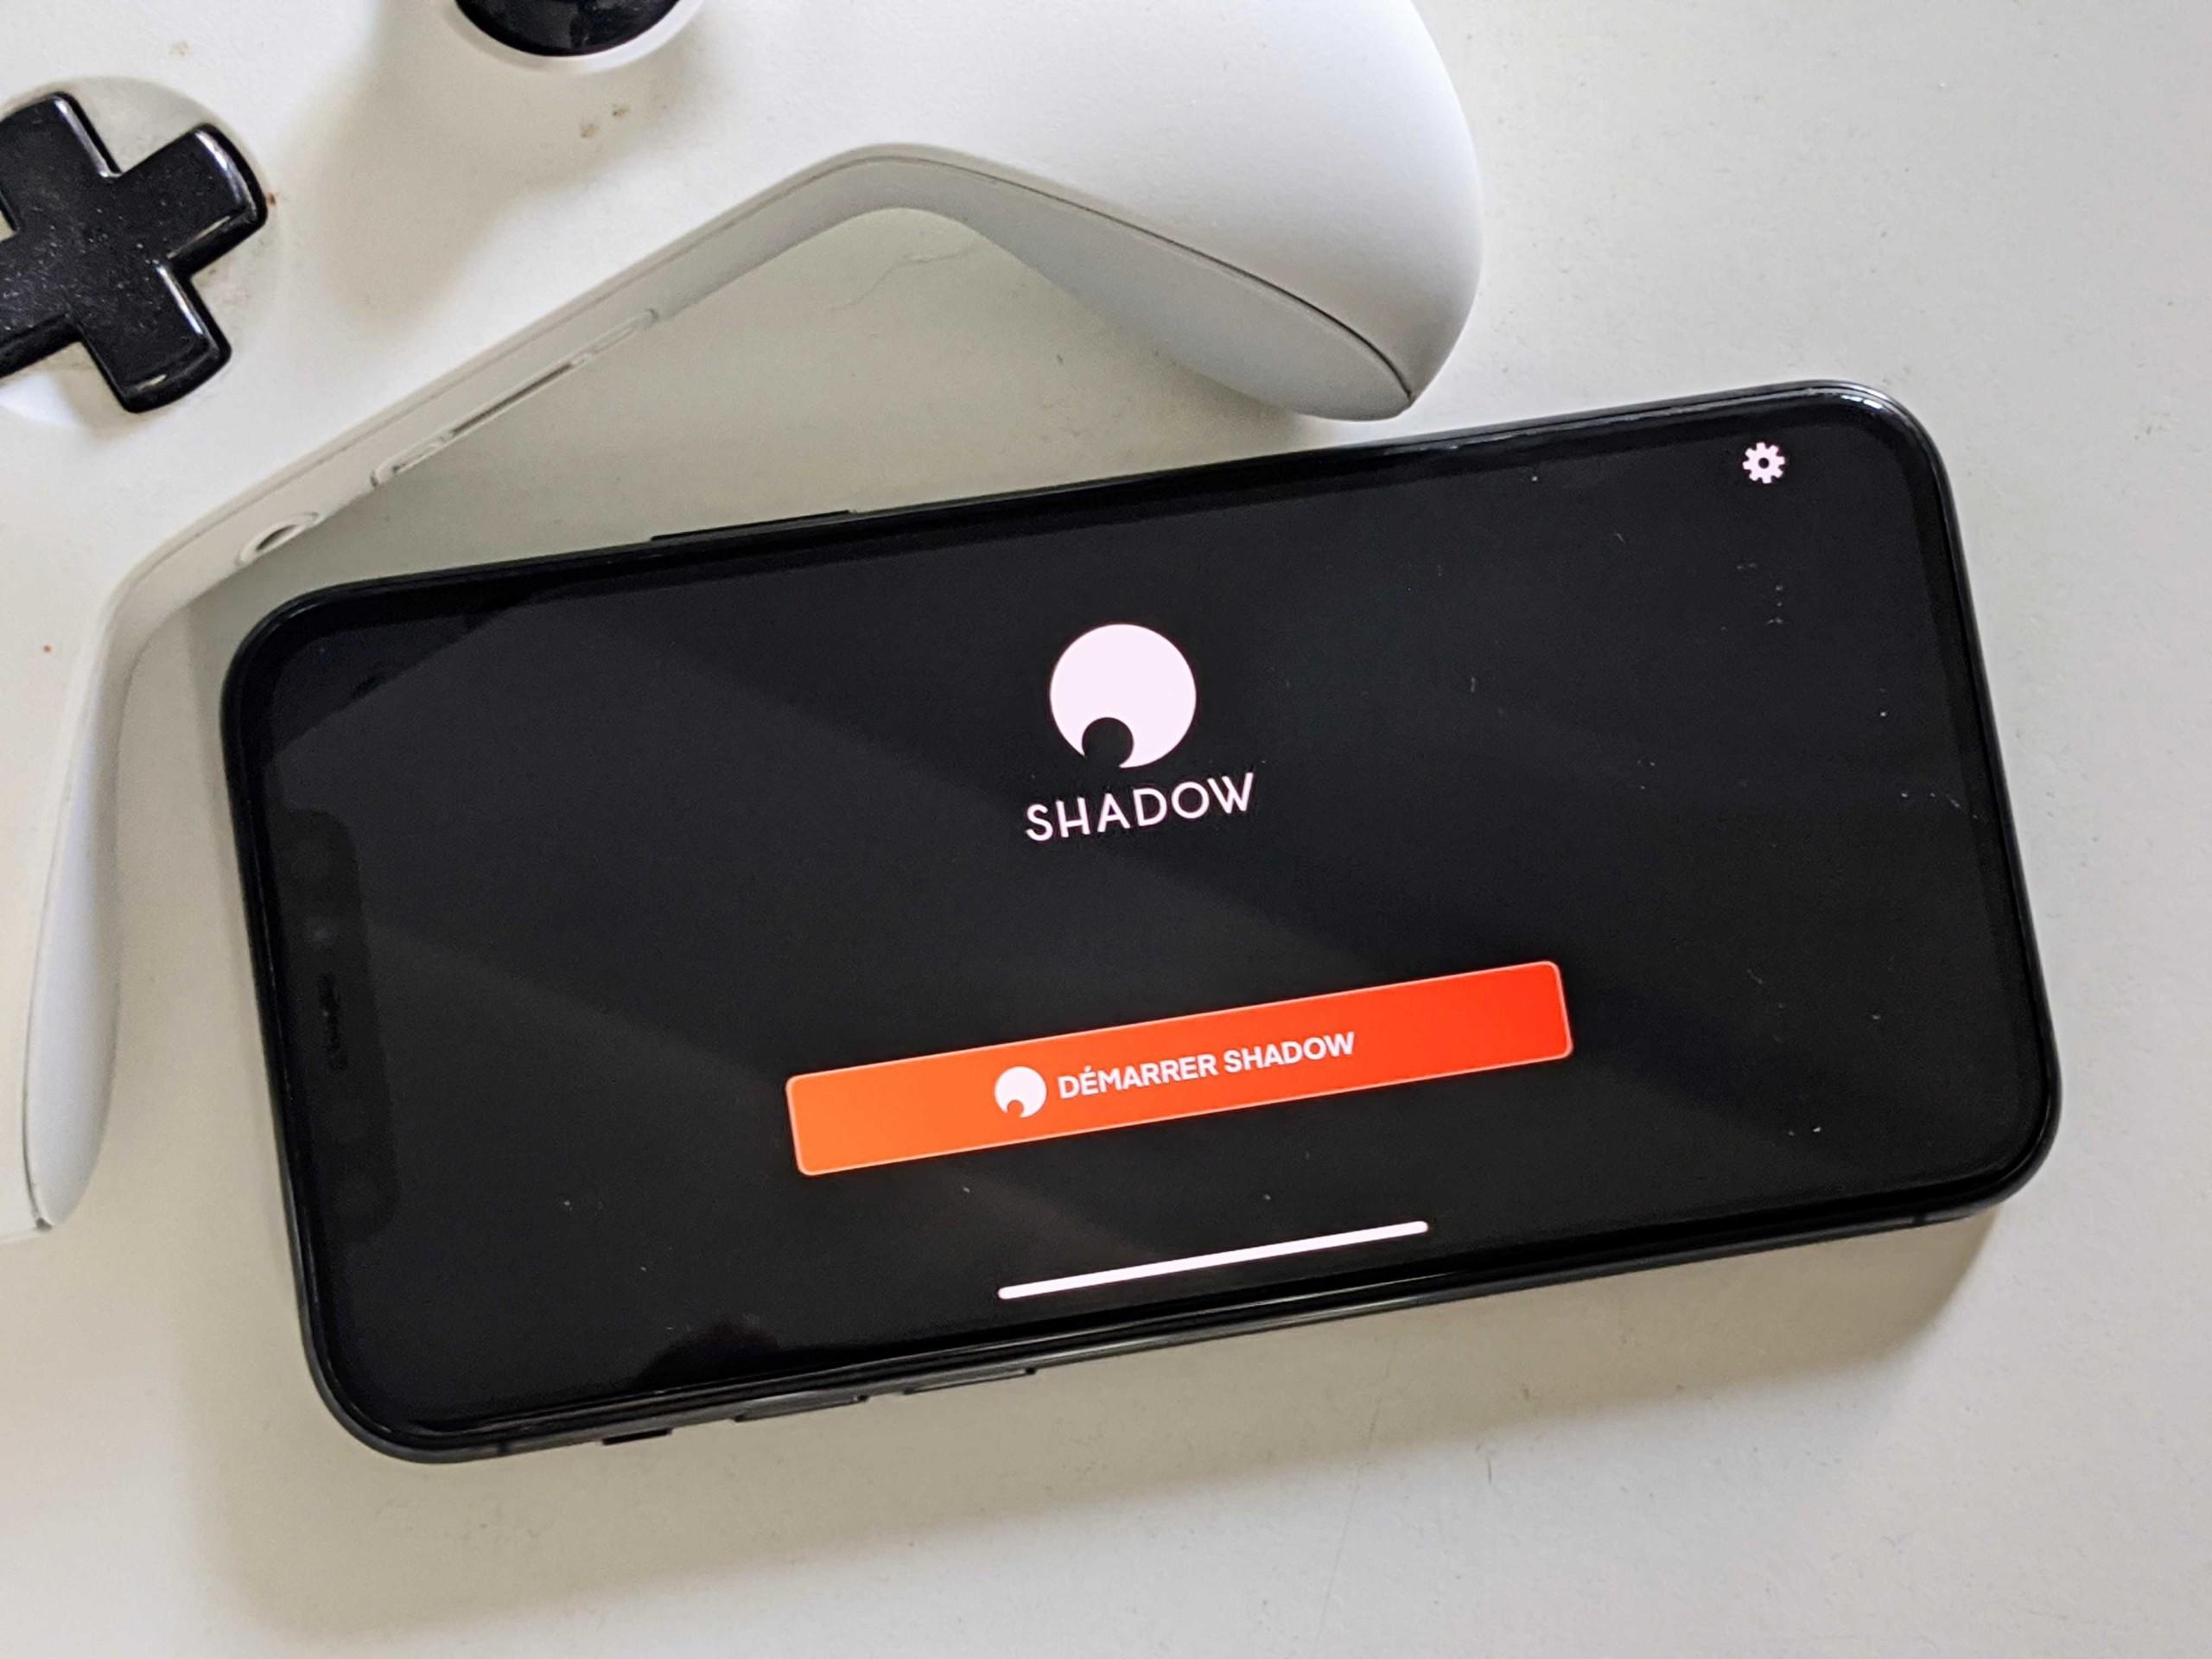 Shadow à nouveau expulsé de l'App Store - Frandroid